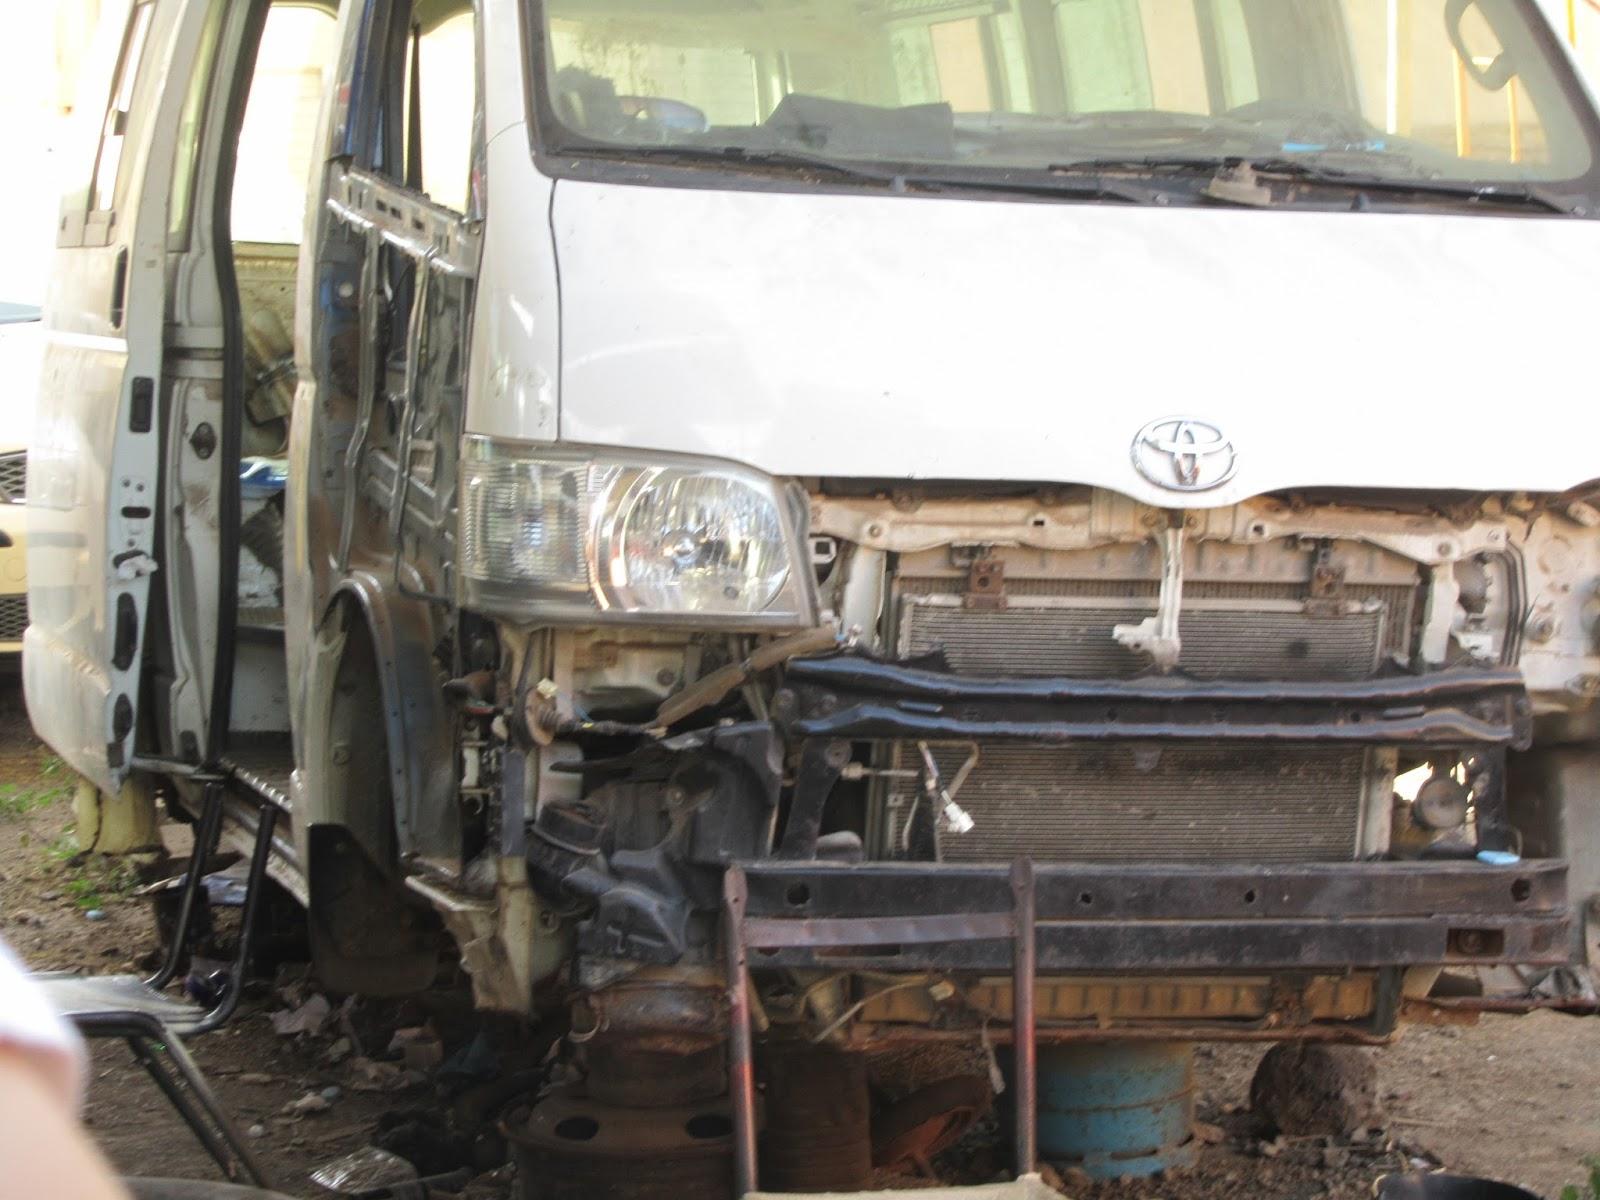 El Vidre Al Cor 12 Volt Led Driver Circuit Additionally 2017 Toyota Ta A Interior Road Crashes Involving Hiace Vans In Cape Verde Gerard Horta